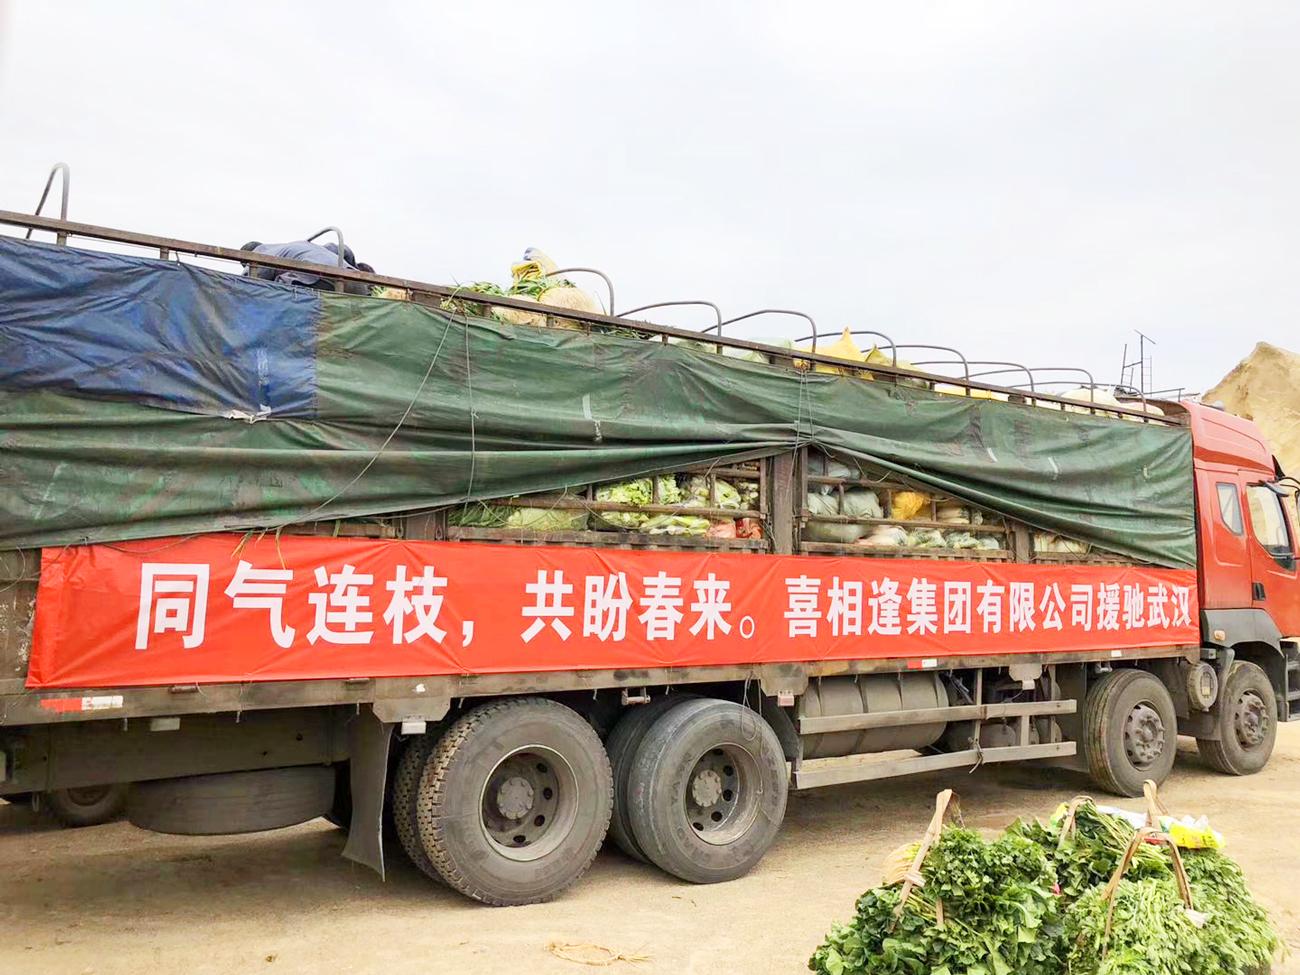 同气连枝,共盼春来 | 喜相逢集团捐赠18吨爱心蔬菜驰援武汉